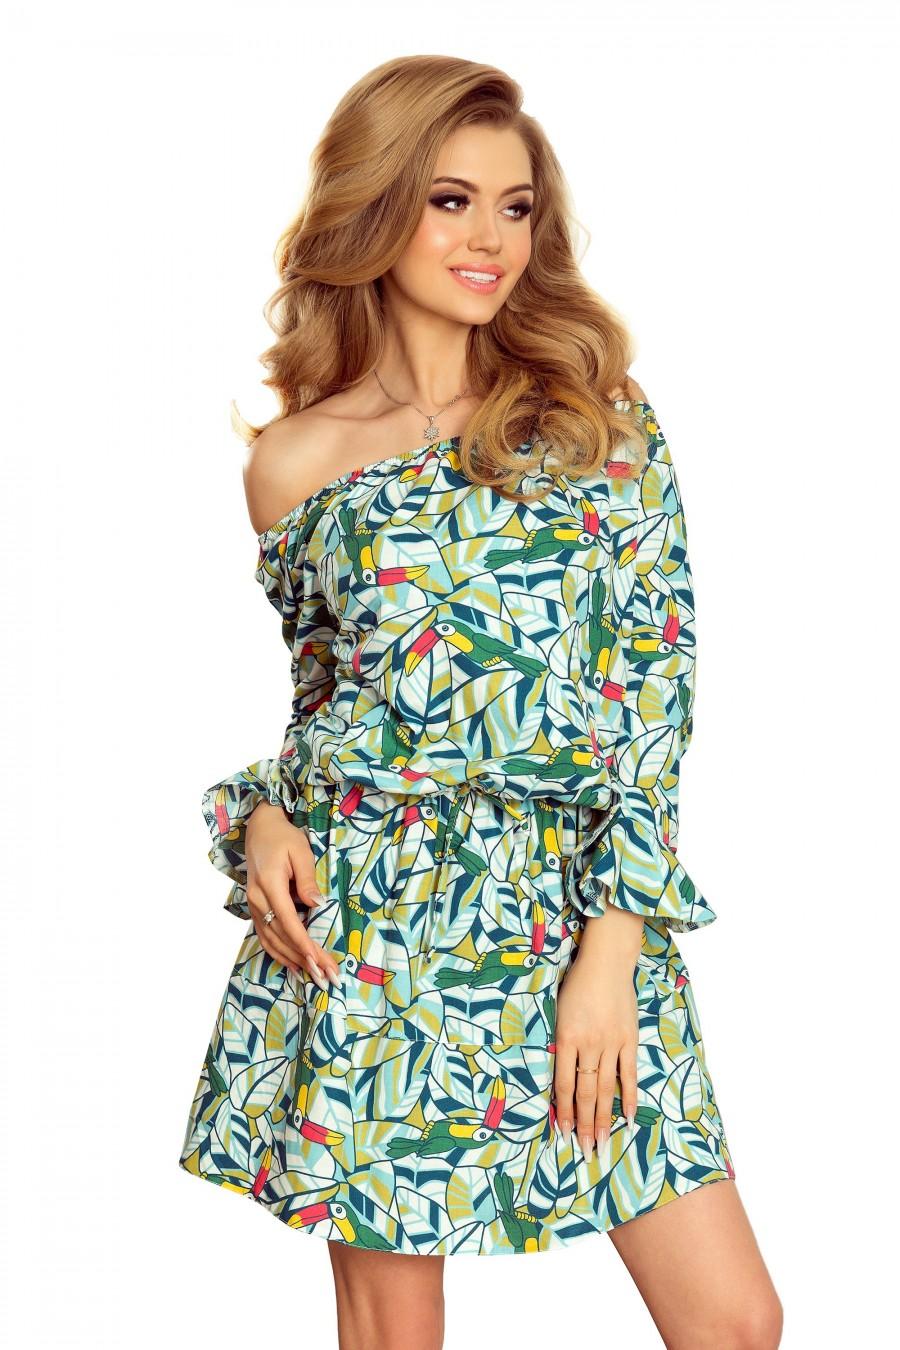 198-4 JULIE Šaty s volánky na rukávech - zelené toukany